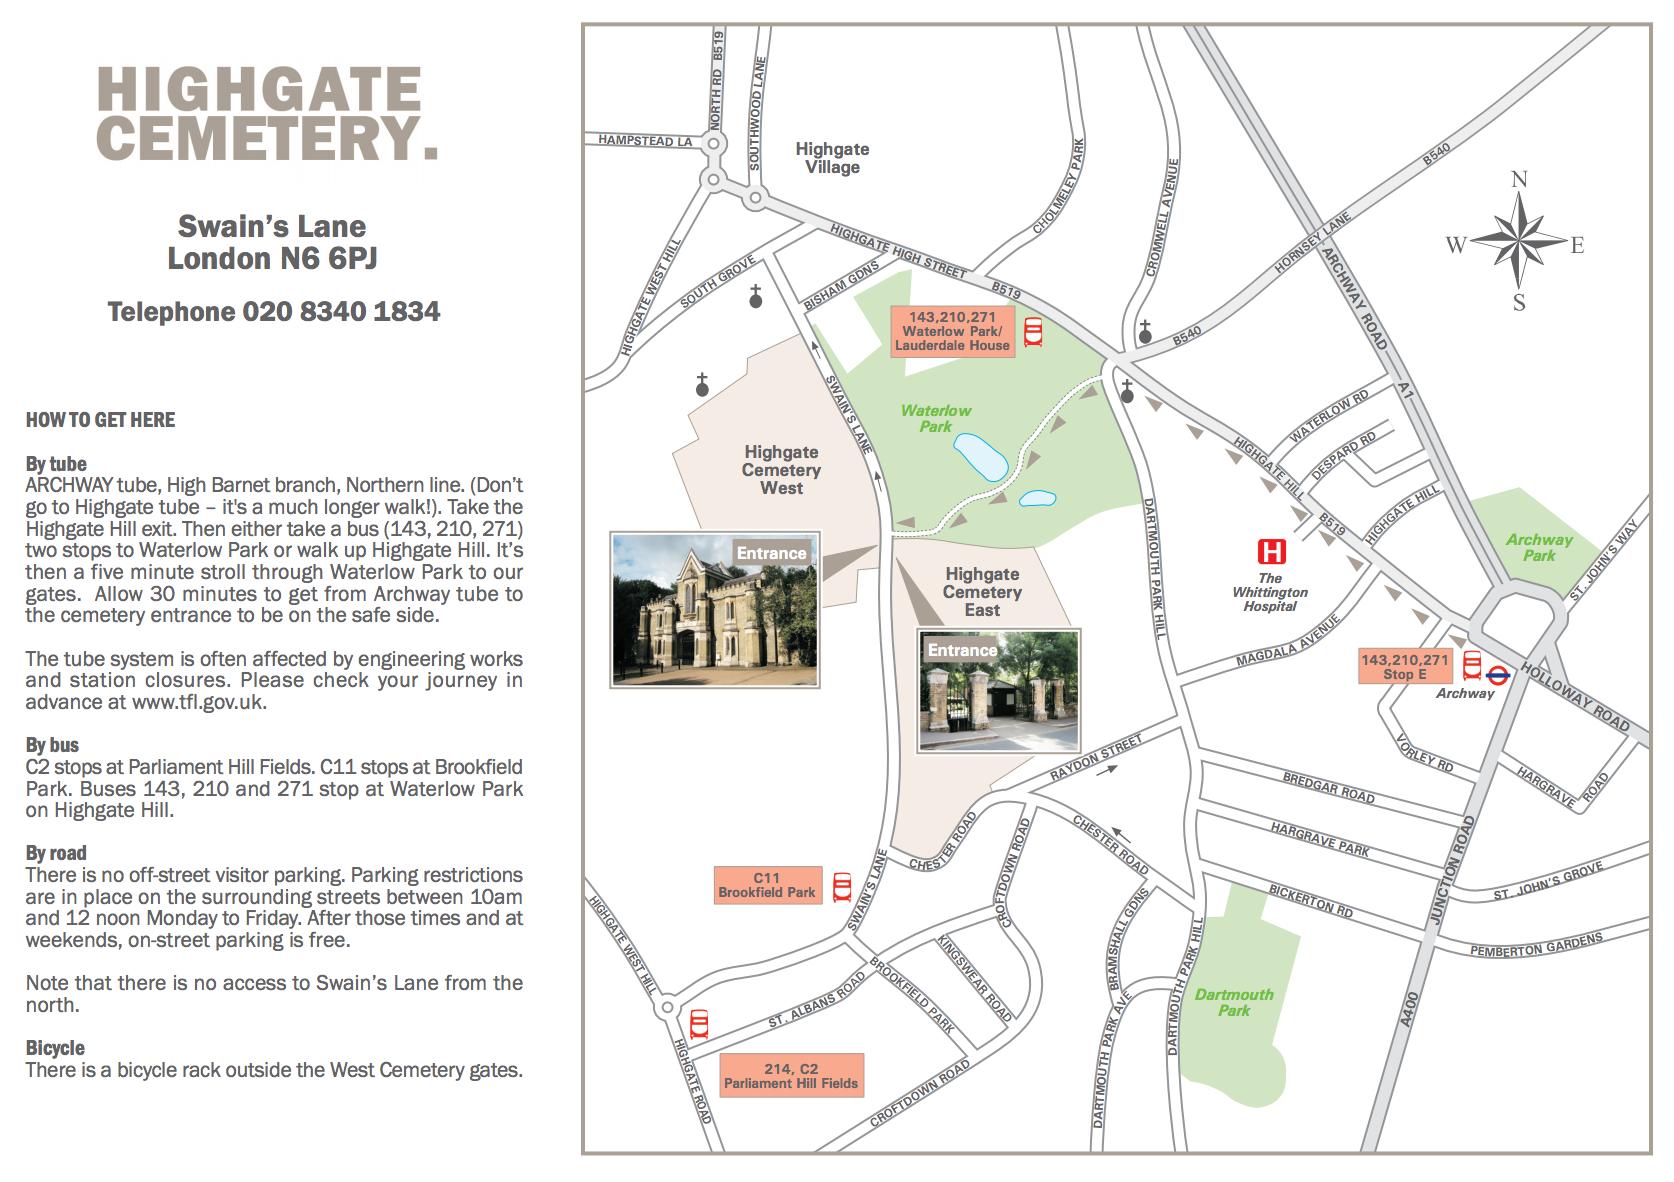 Highgate Cemetery Map Seeking Vampires in London | Vamped Highgate Cemetery Map